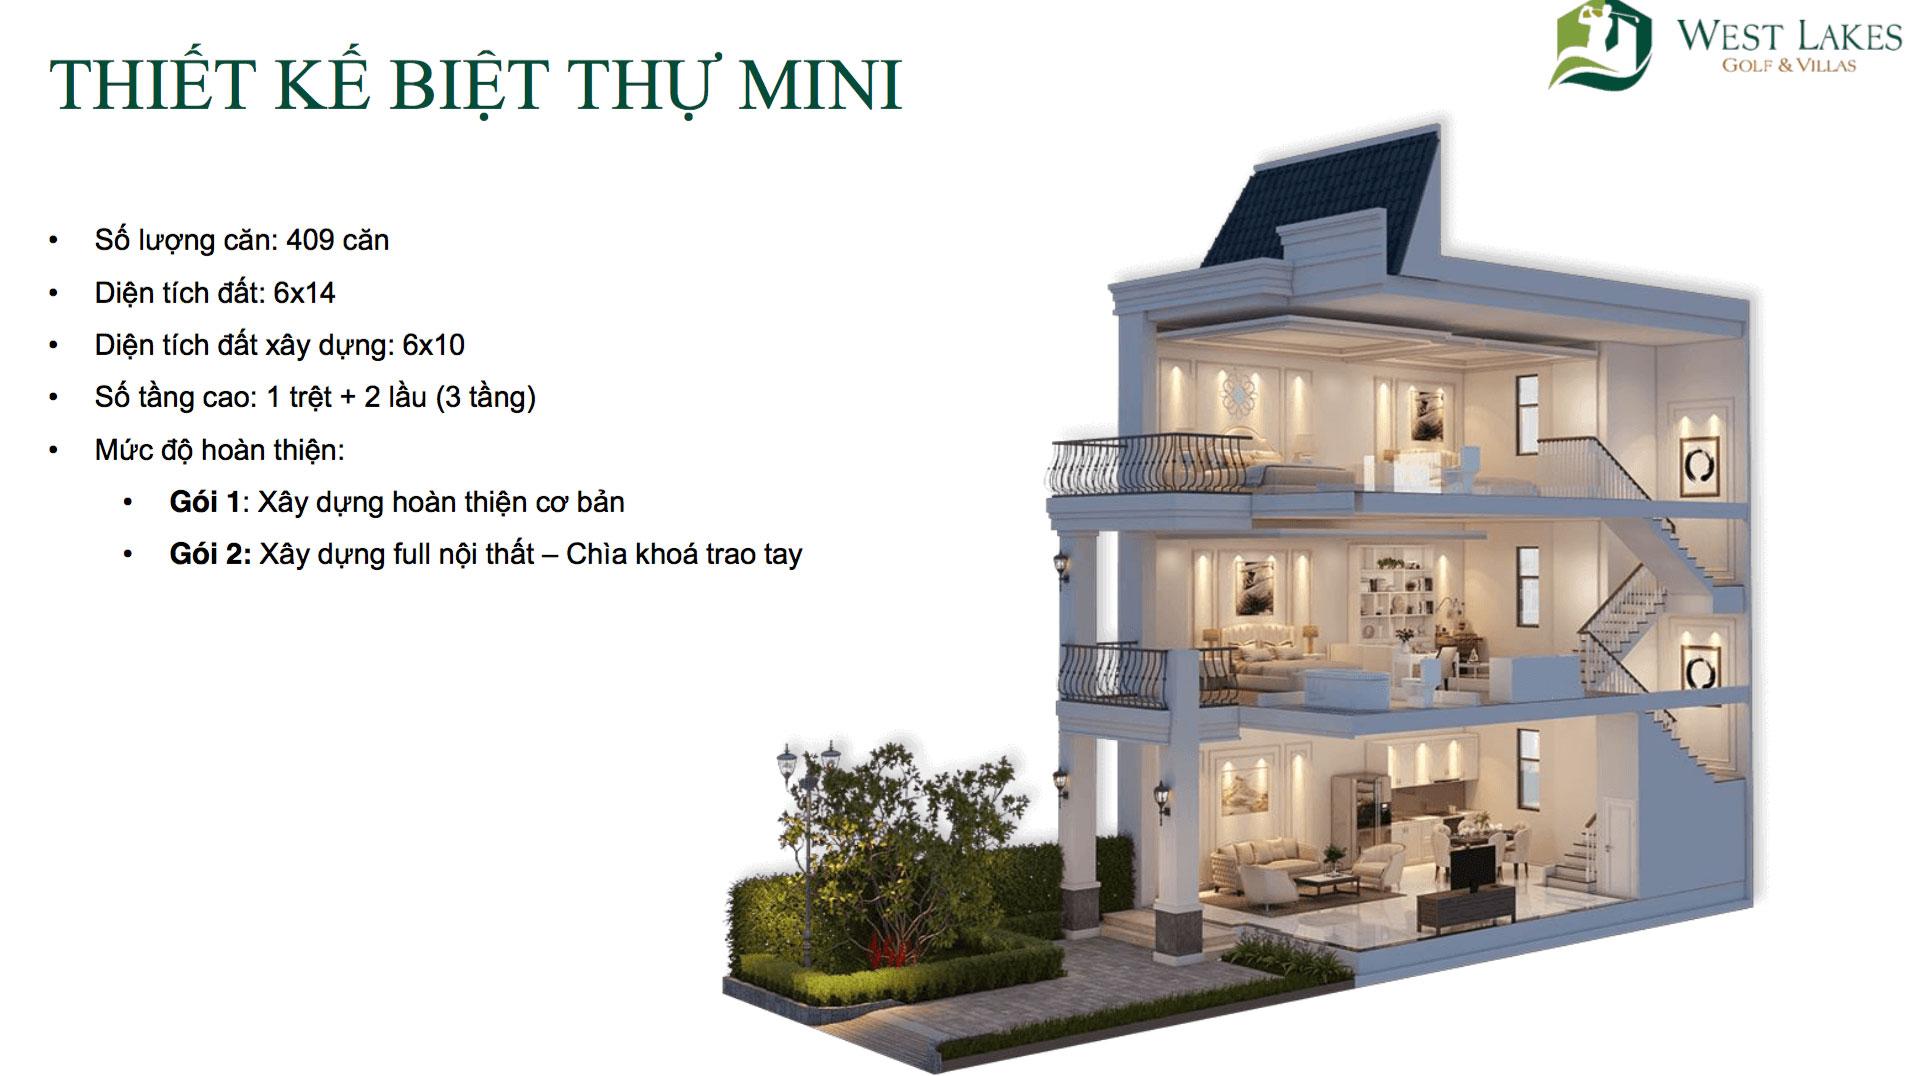 Thiết kế biệt thự Mini West Lakes Golf & Villas hình 1